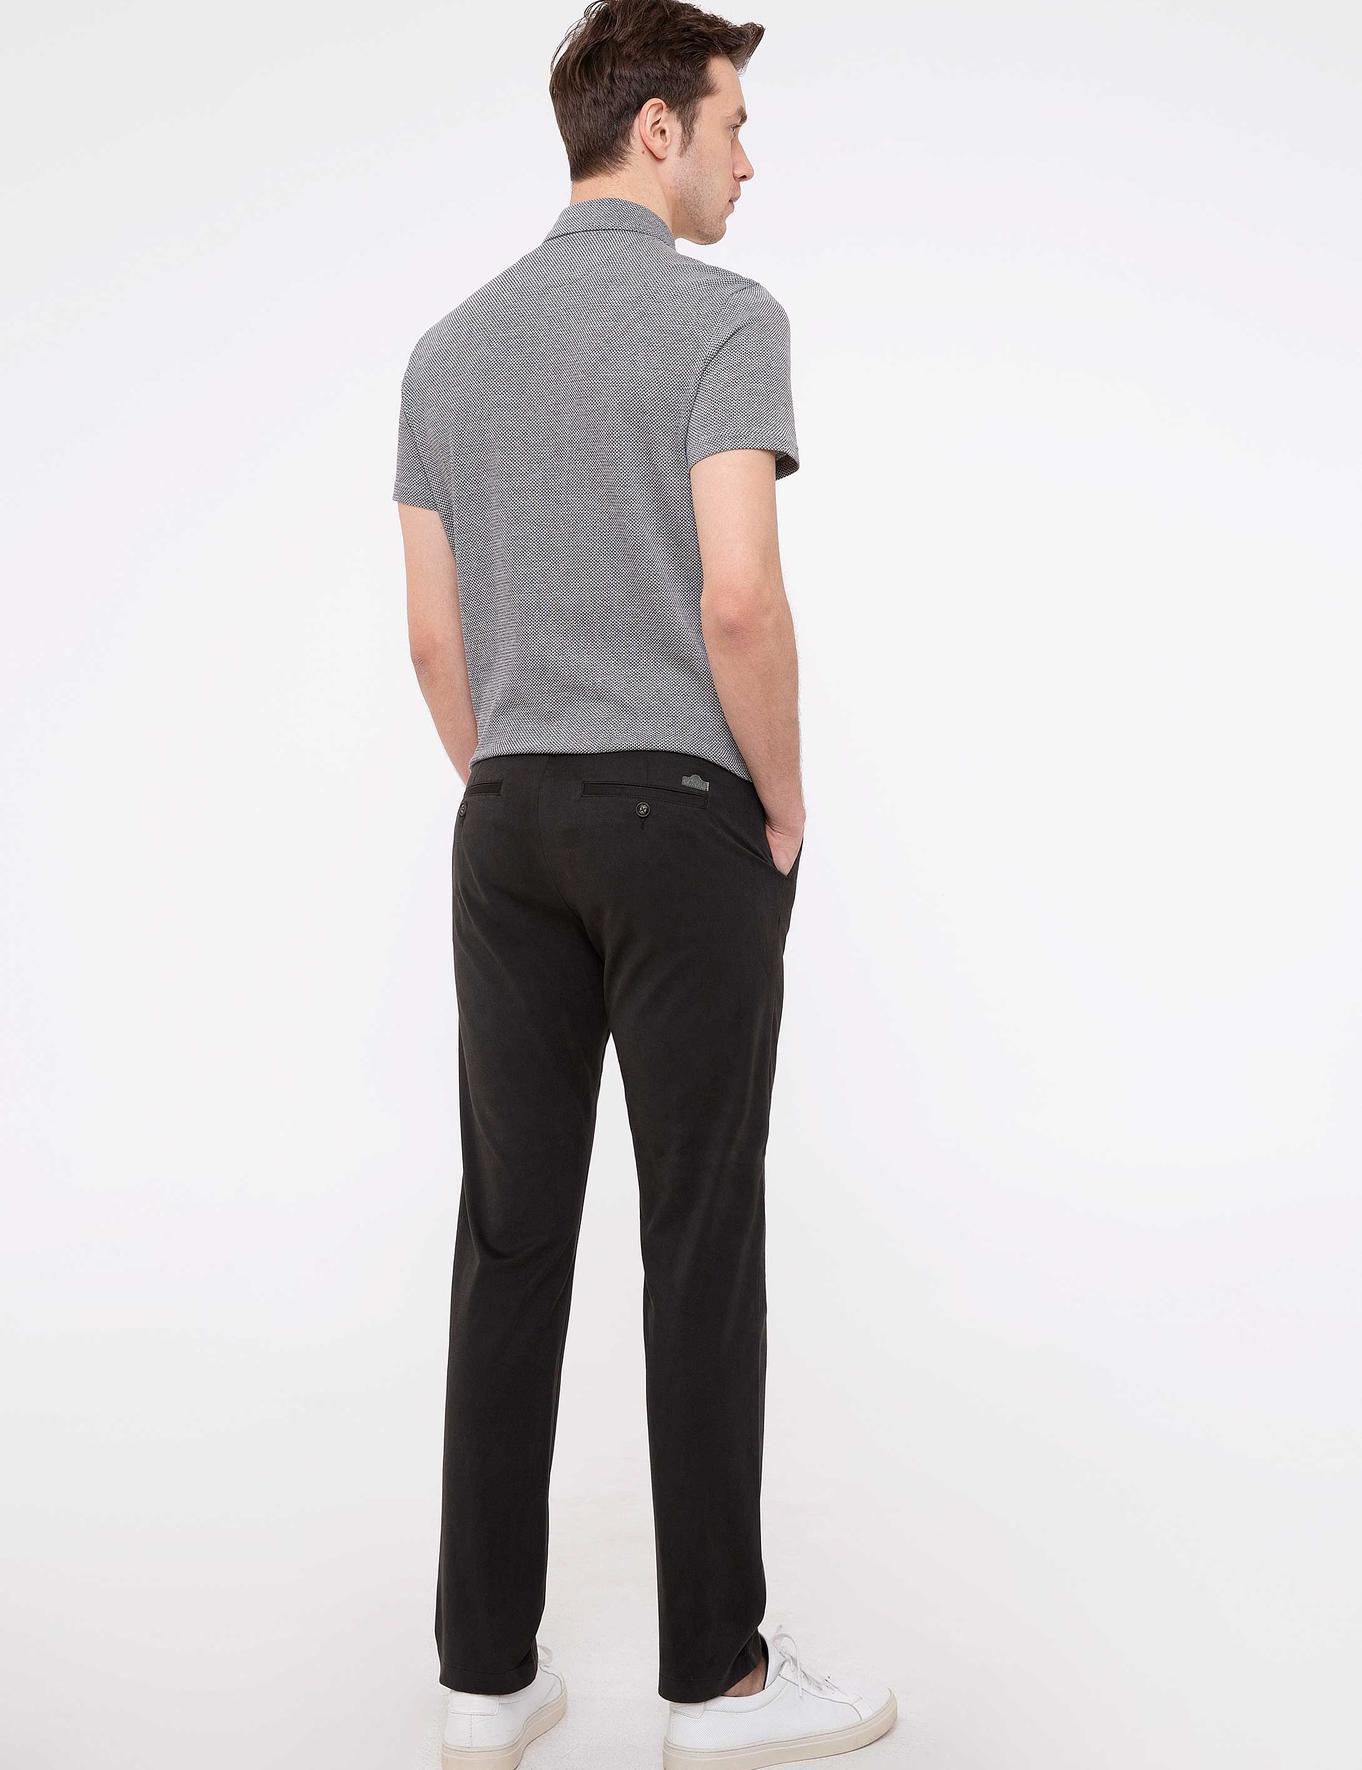 Siyah Slim Fit Chino - 50213508011